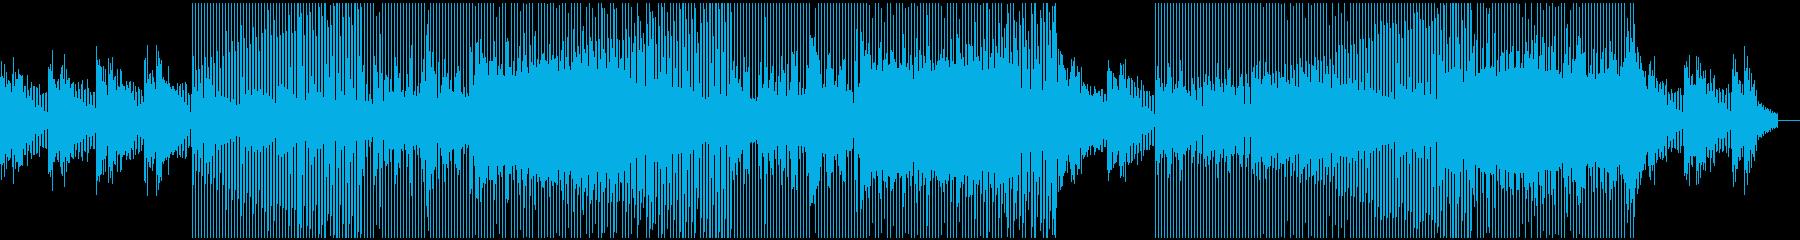 優しい音色で包まれるドリーミーなハウスの再生済みの波形